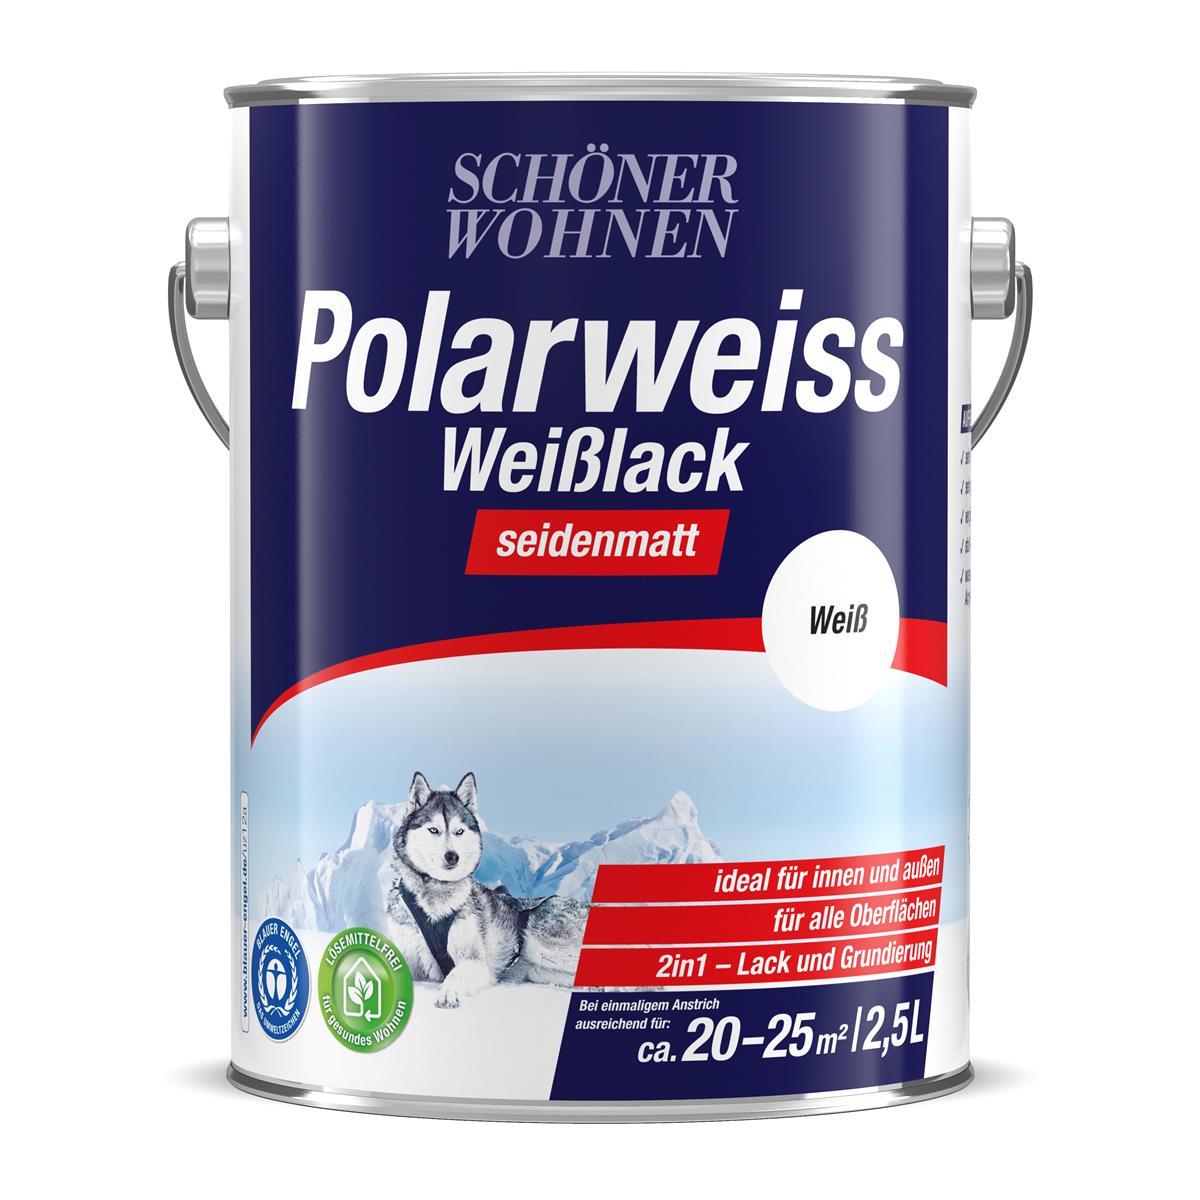 Schoner Wohnen Polarweiss Weisslack Seidenmatt 2 5 L